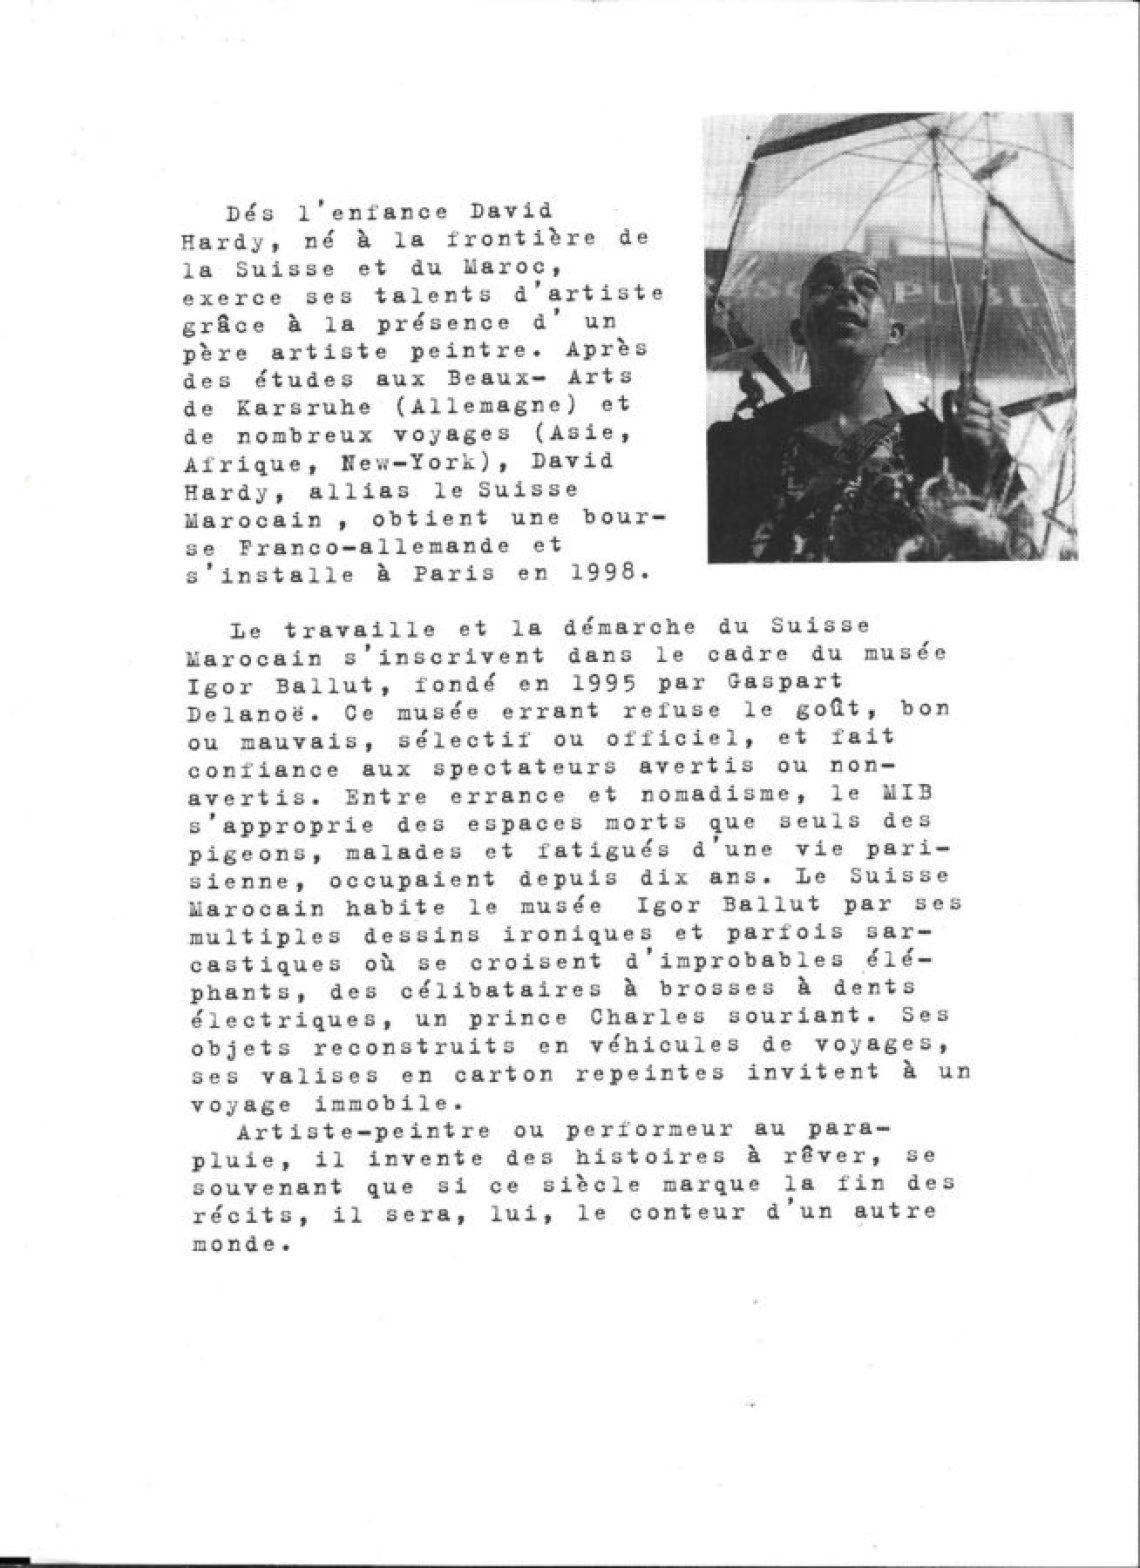 text-sur-suissemarocain-art-1-copy